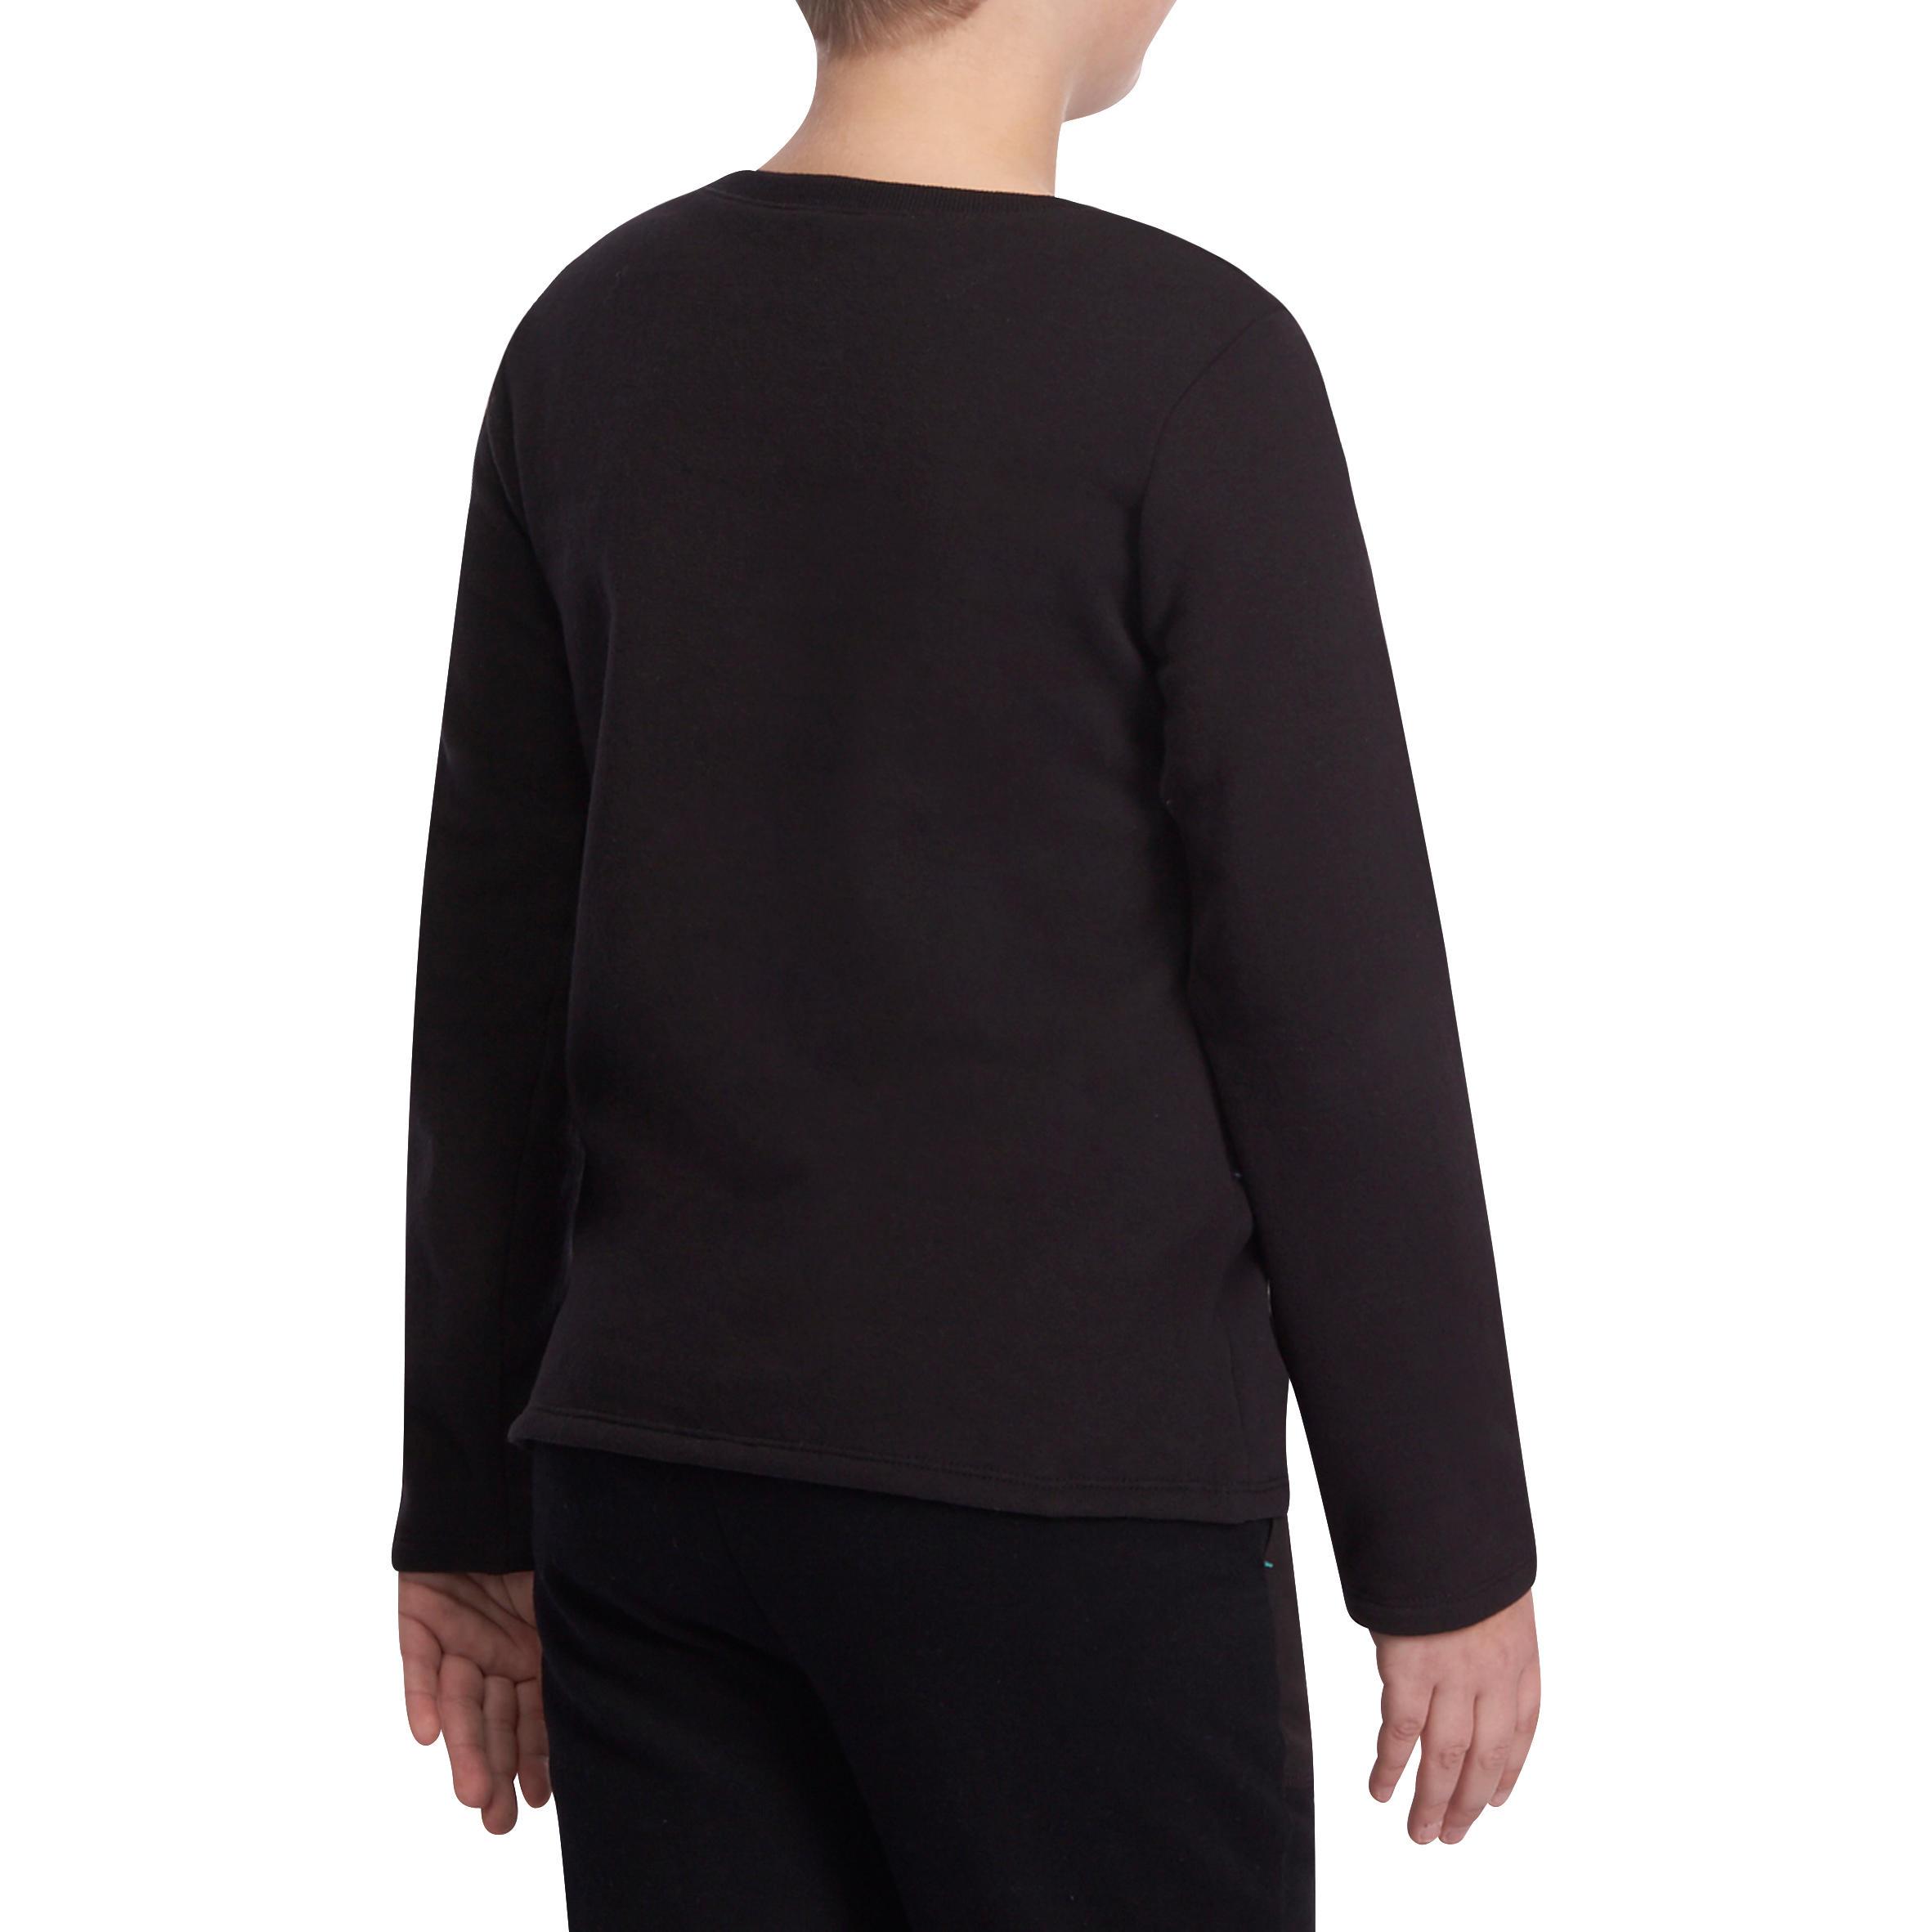 100 Boys' Gym Sweatshirt - Black